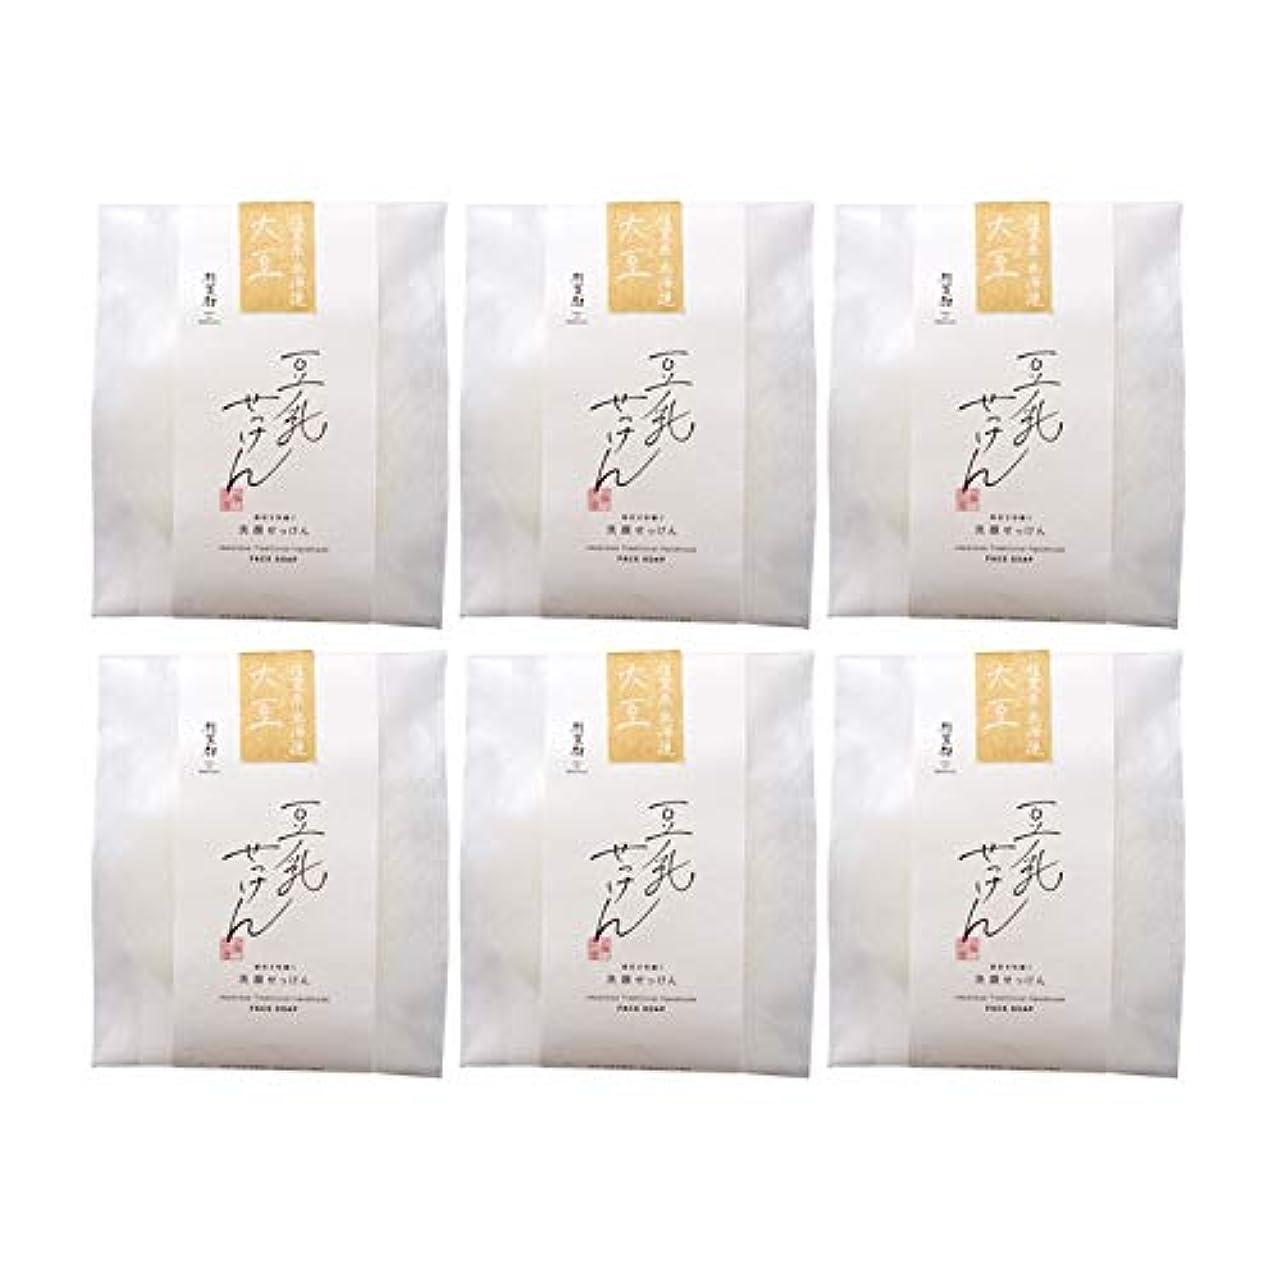 フロントフェミニン配偶者豆腐の盛田屋 豆乳せっけん 自然生活 100g×6個セット